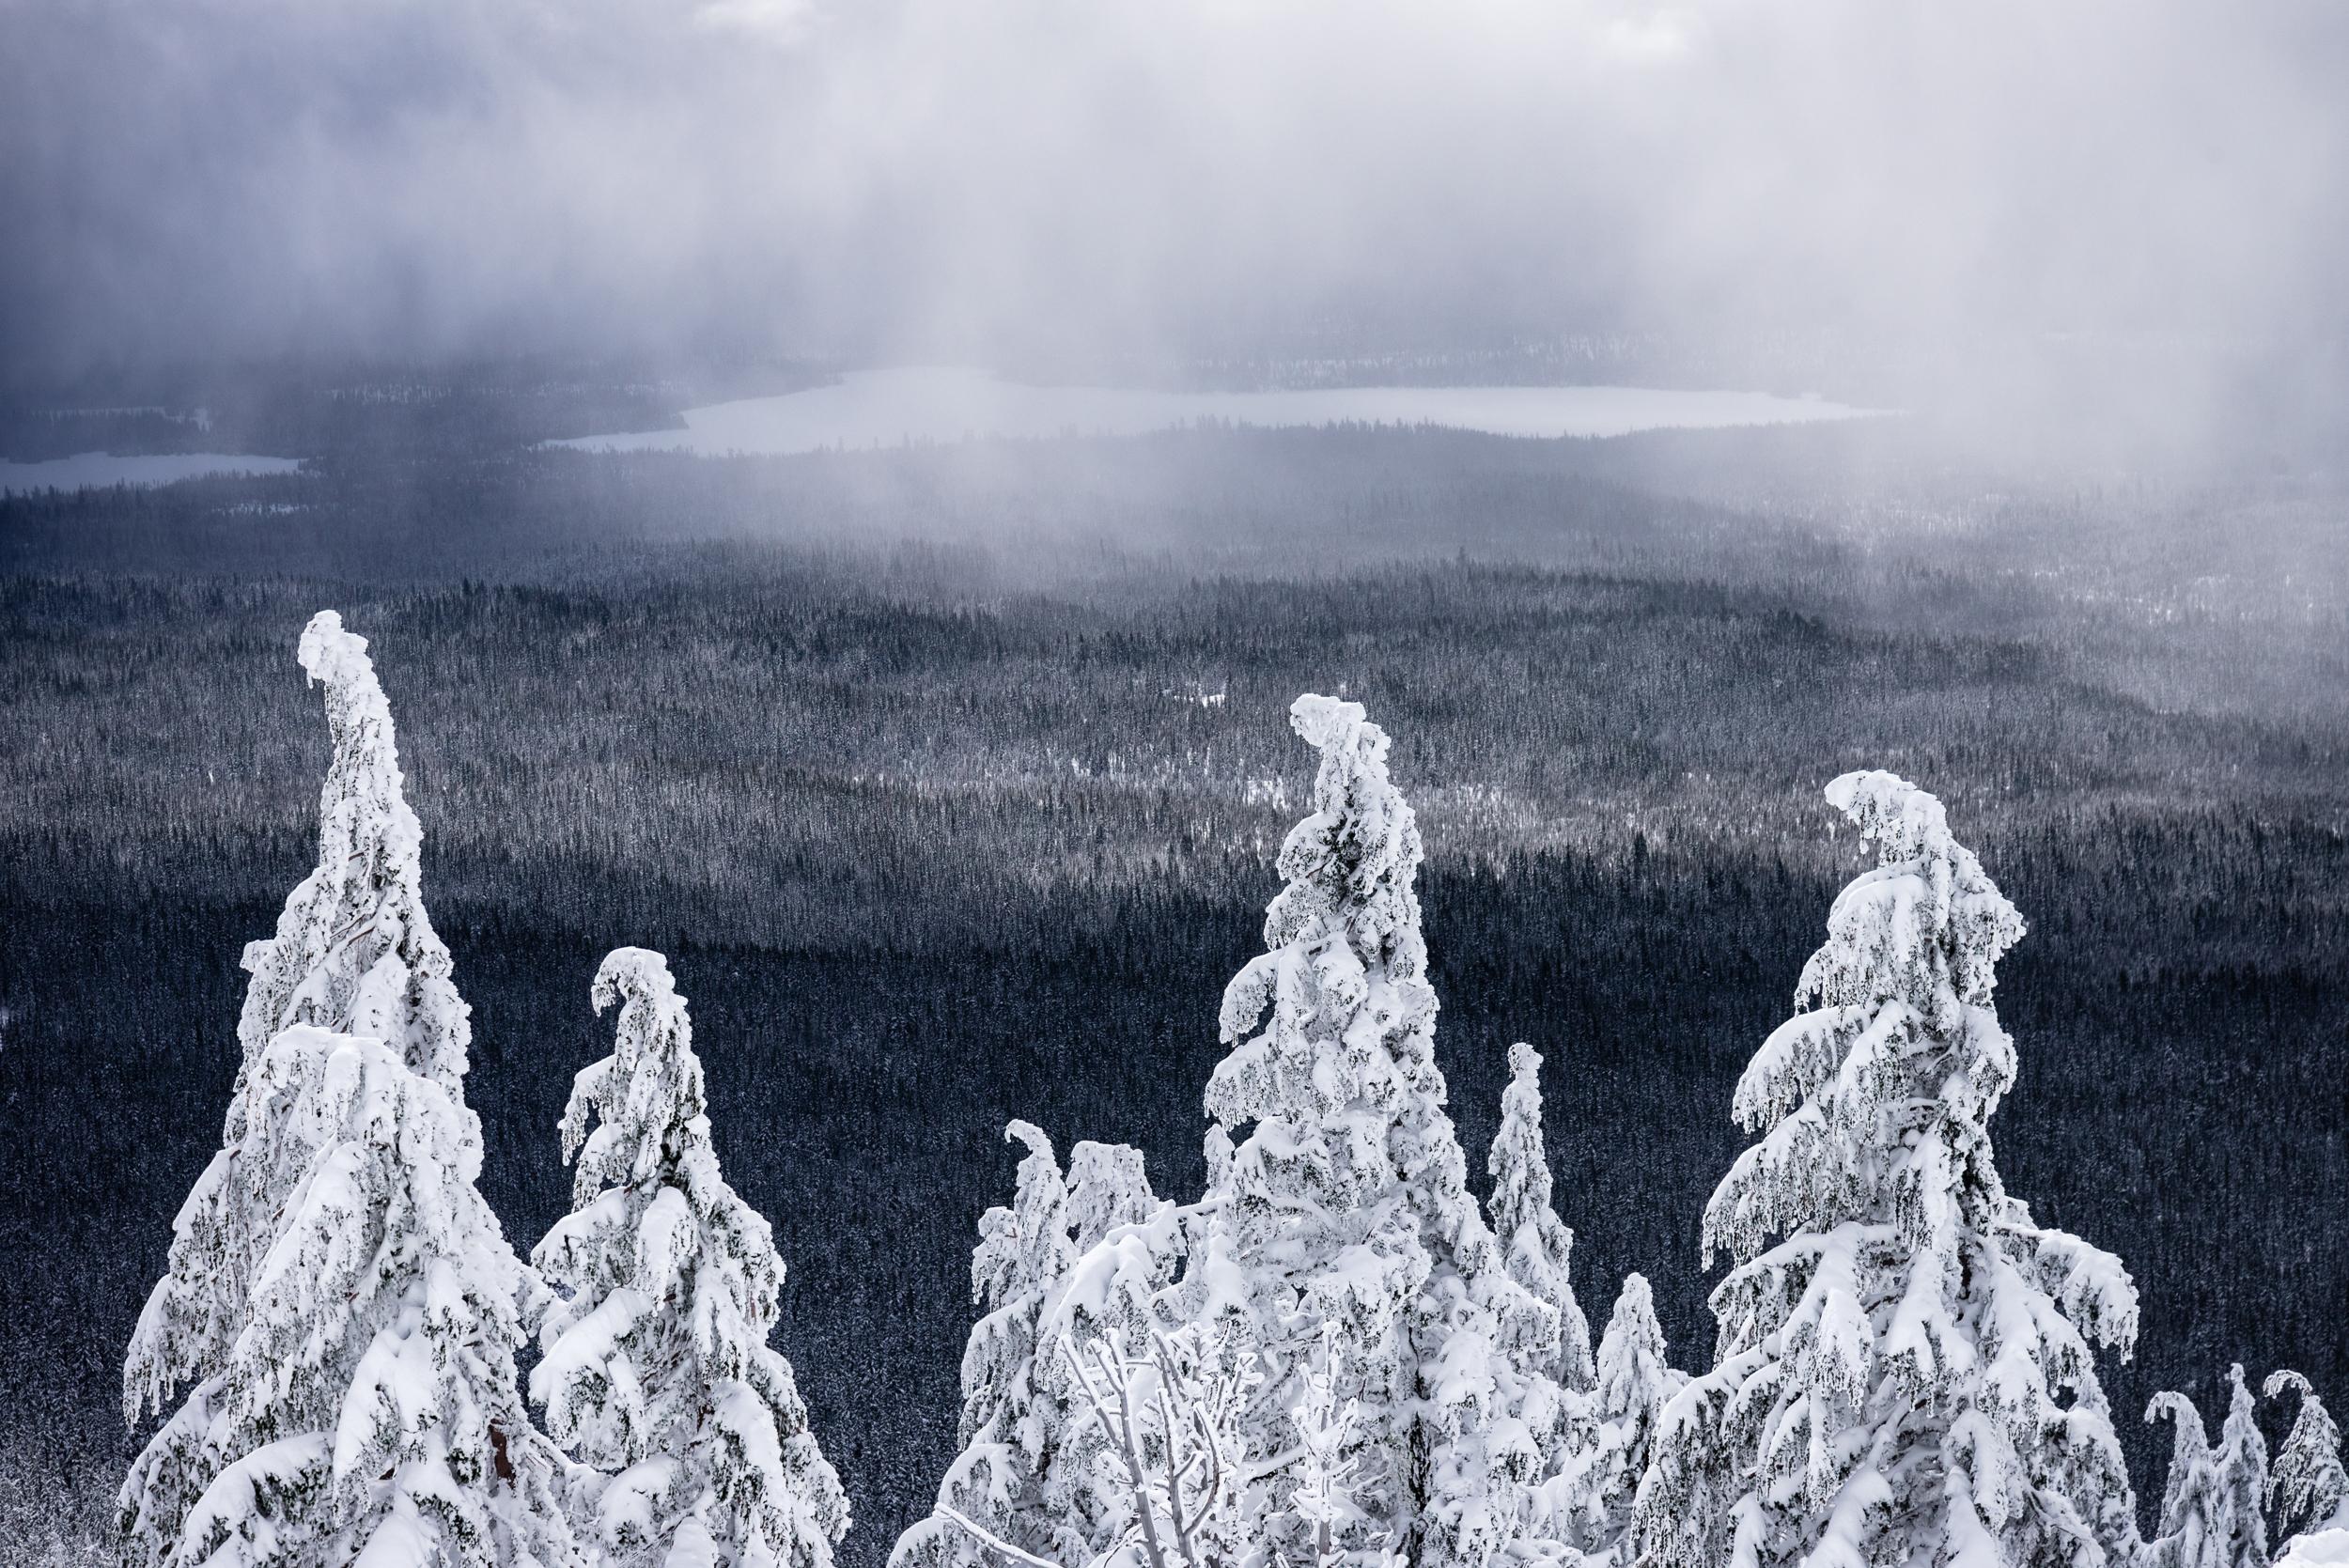 Mt-Bachelor-Stormlight-Steve-Aliberti-5508.jpg